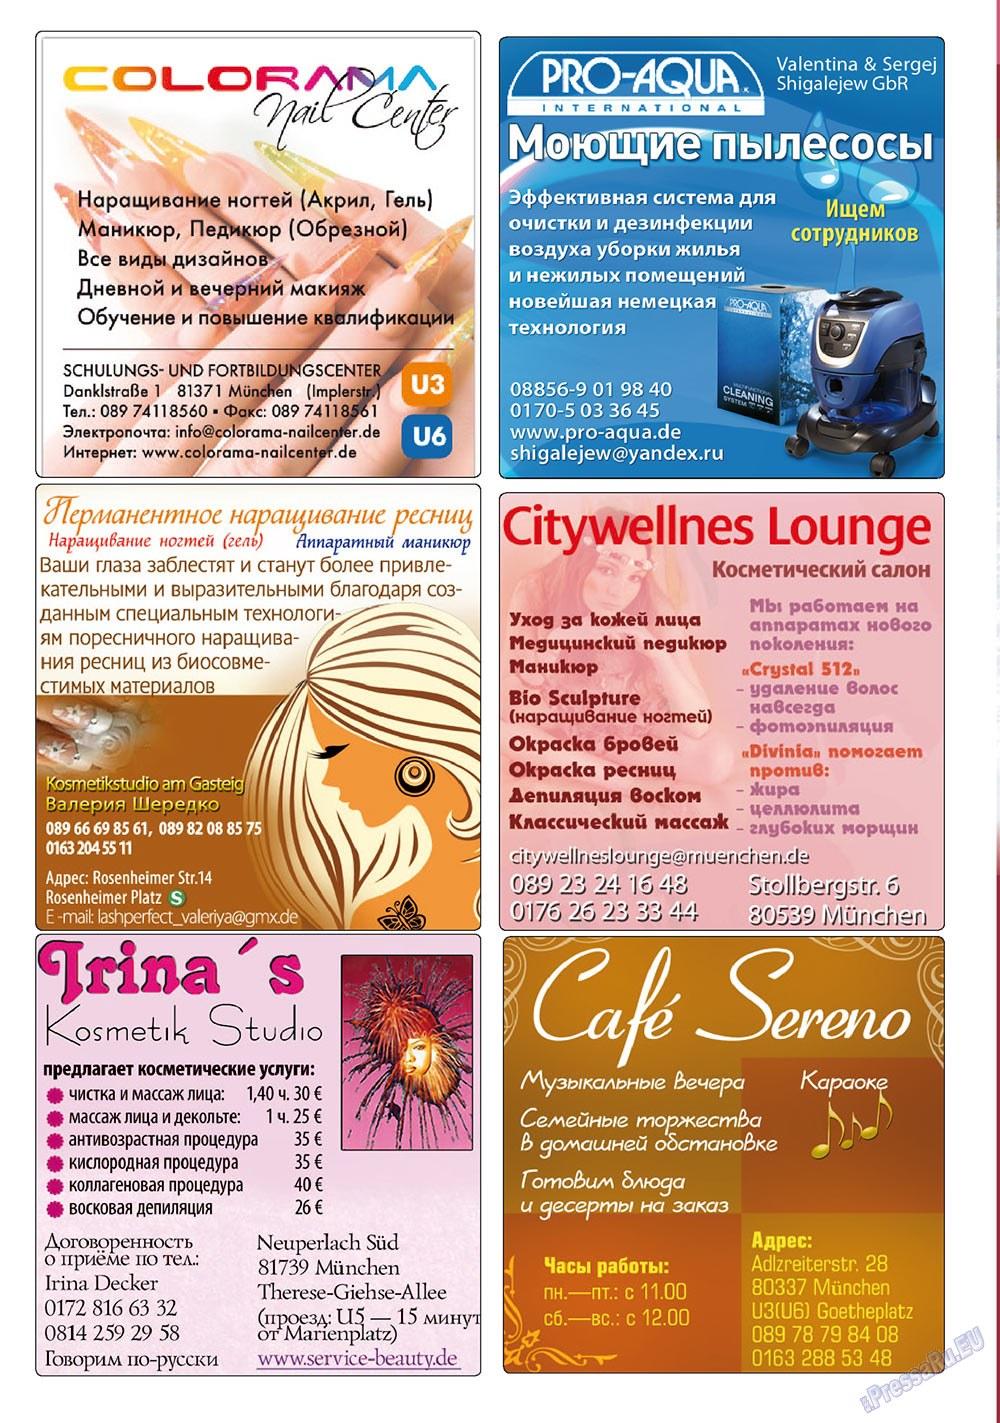 Апельсин (журнал). 2010 год, номер 15, стр. 36